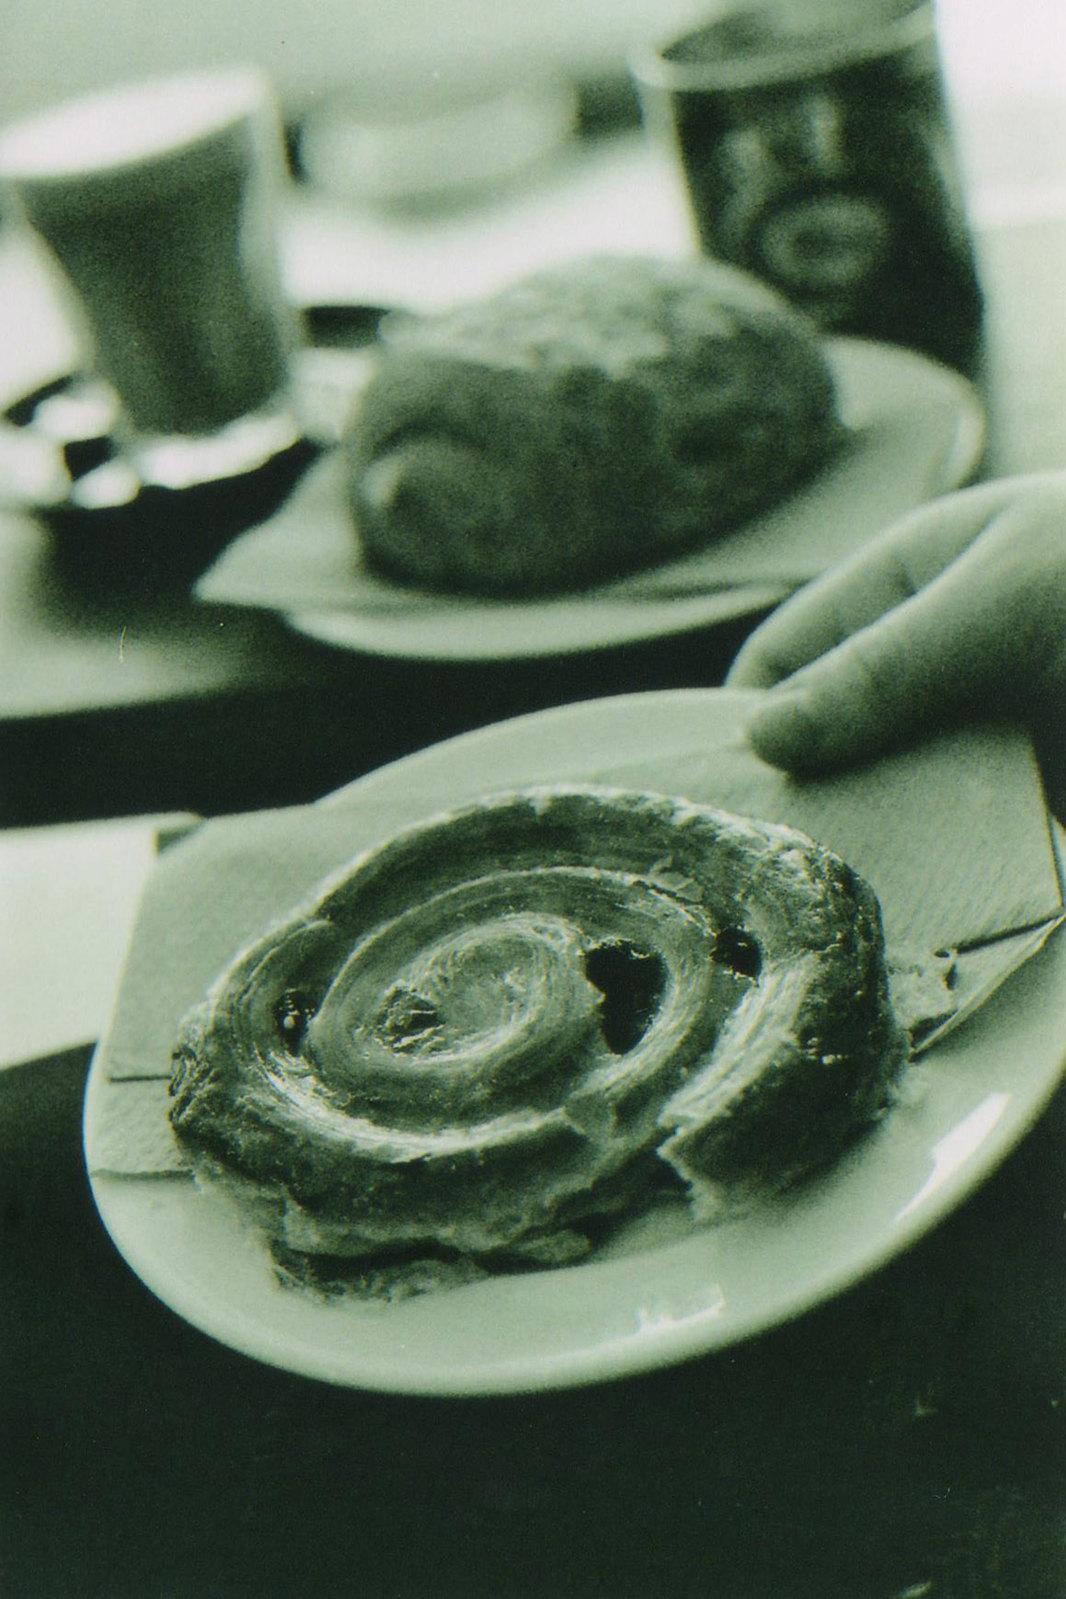 analog food photography